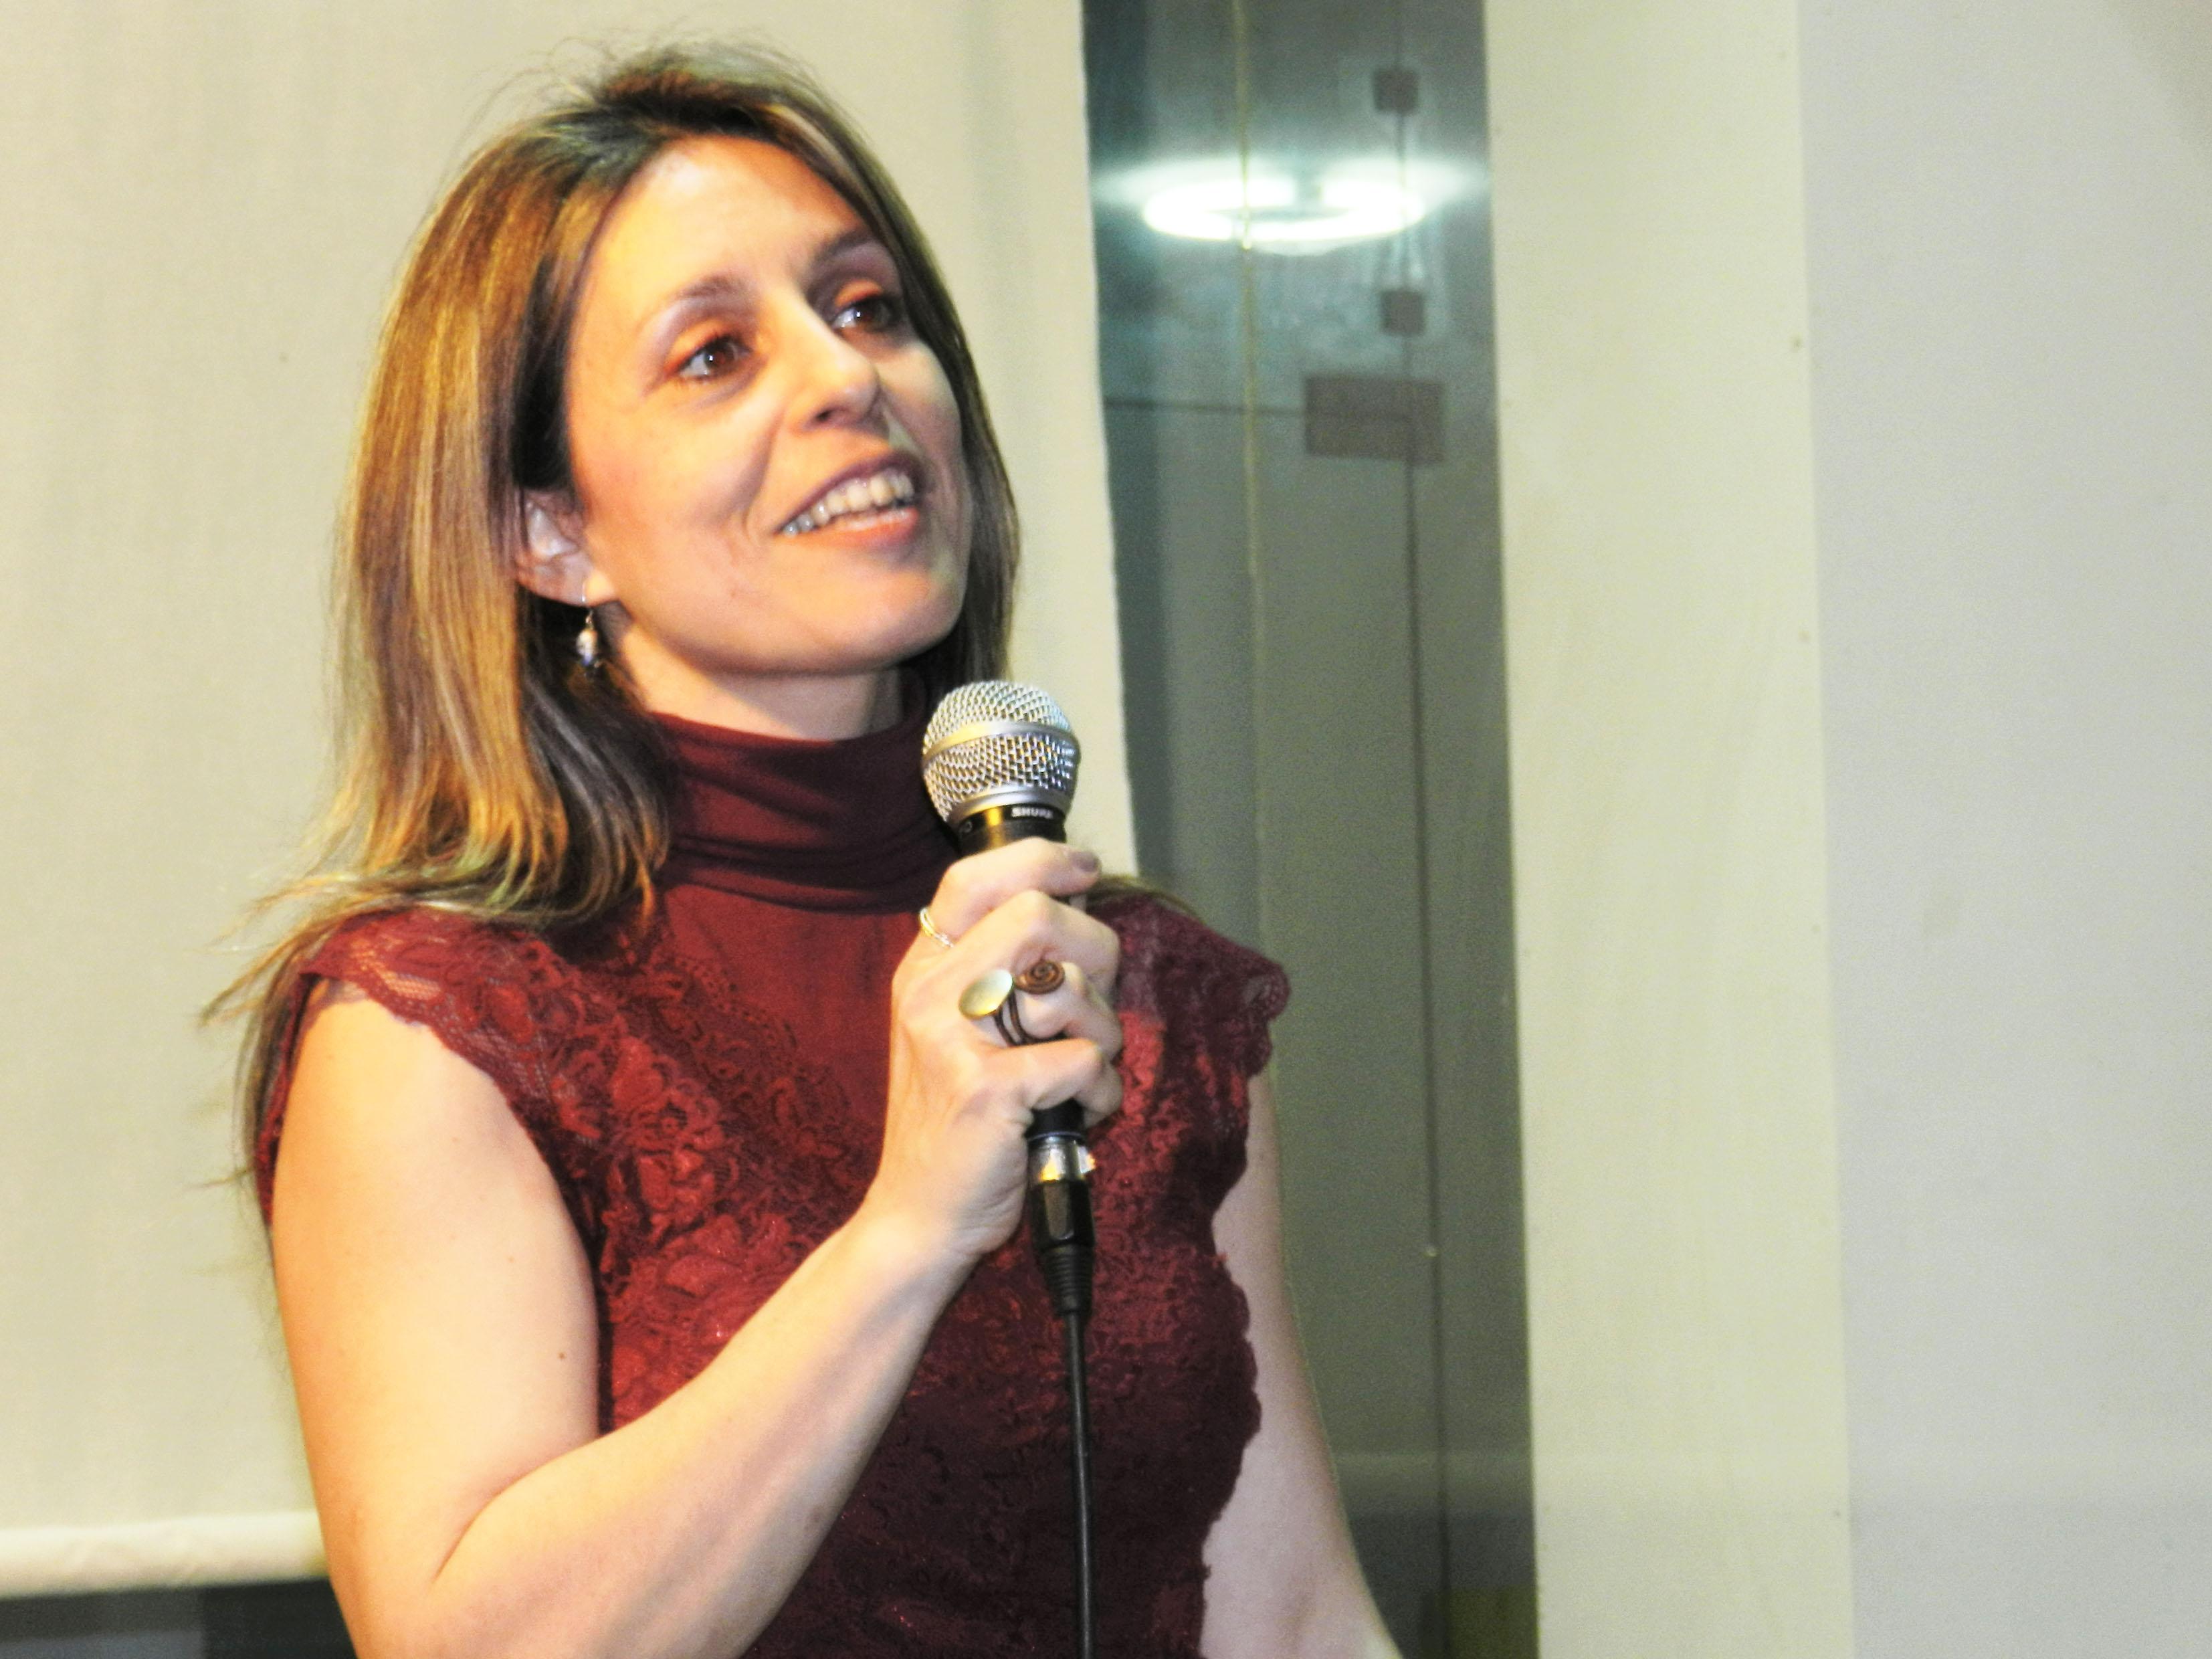 Η Λυδία Κώνστα μιλάει με το κοινό για την ταινία της.